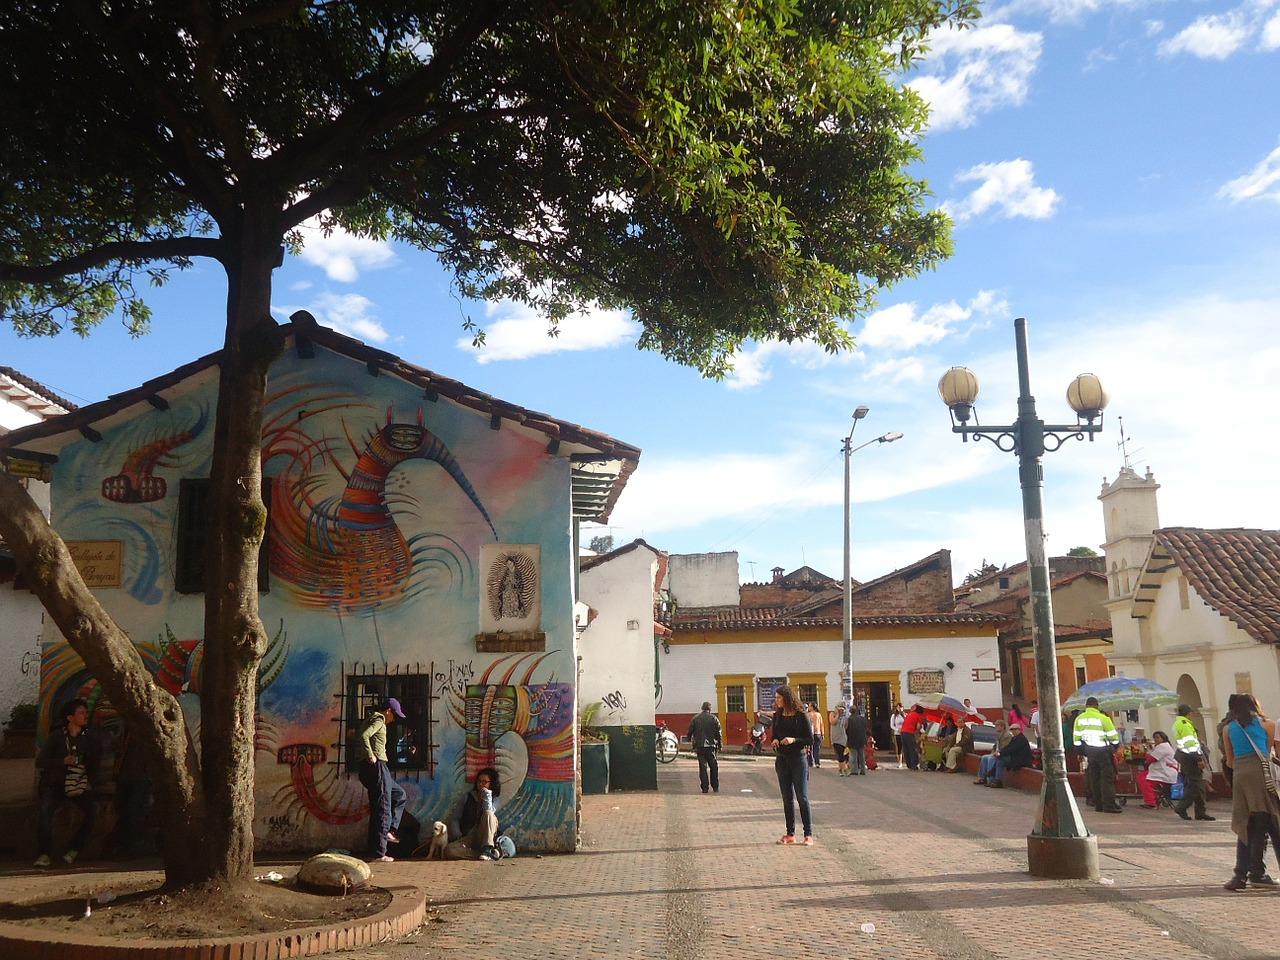 Bogotá - Colombia - La Candelaria